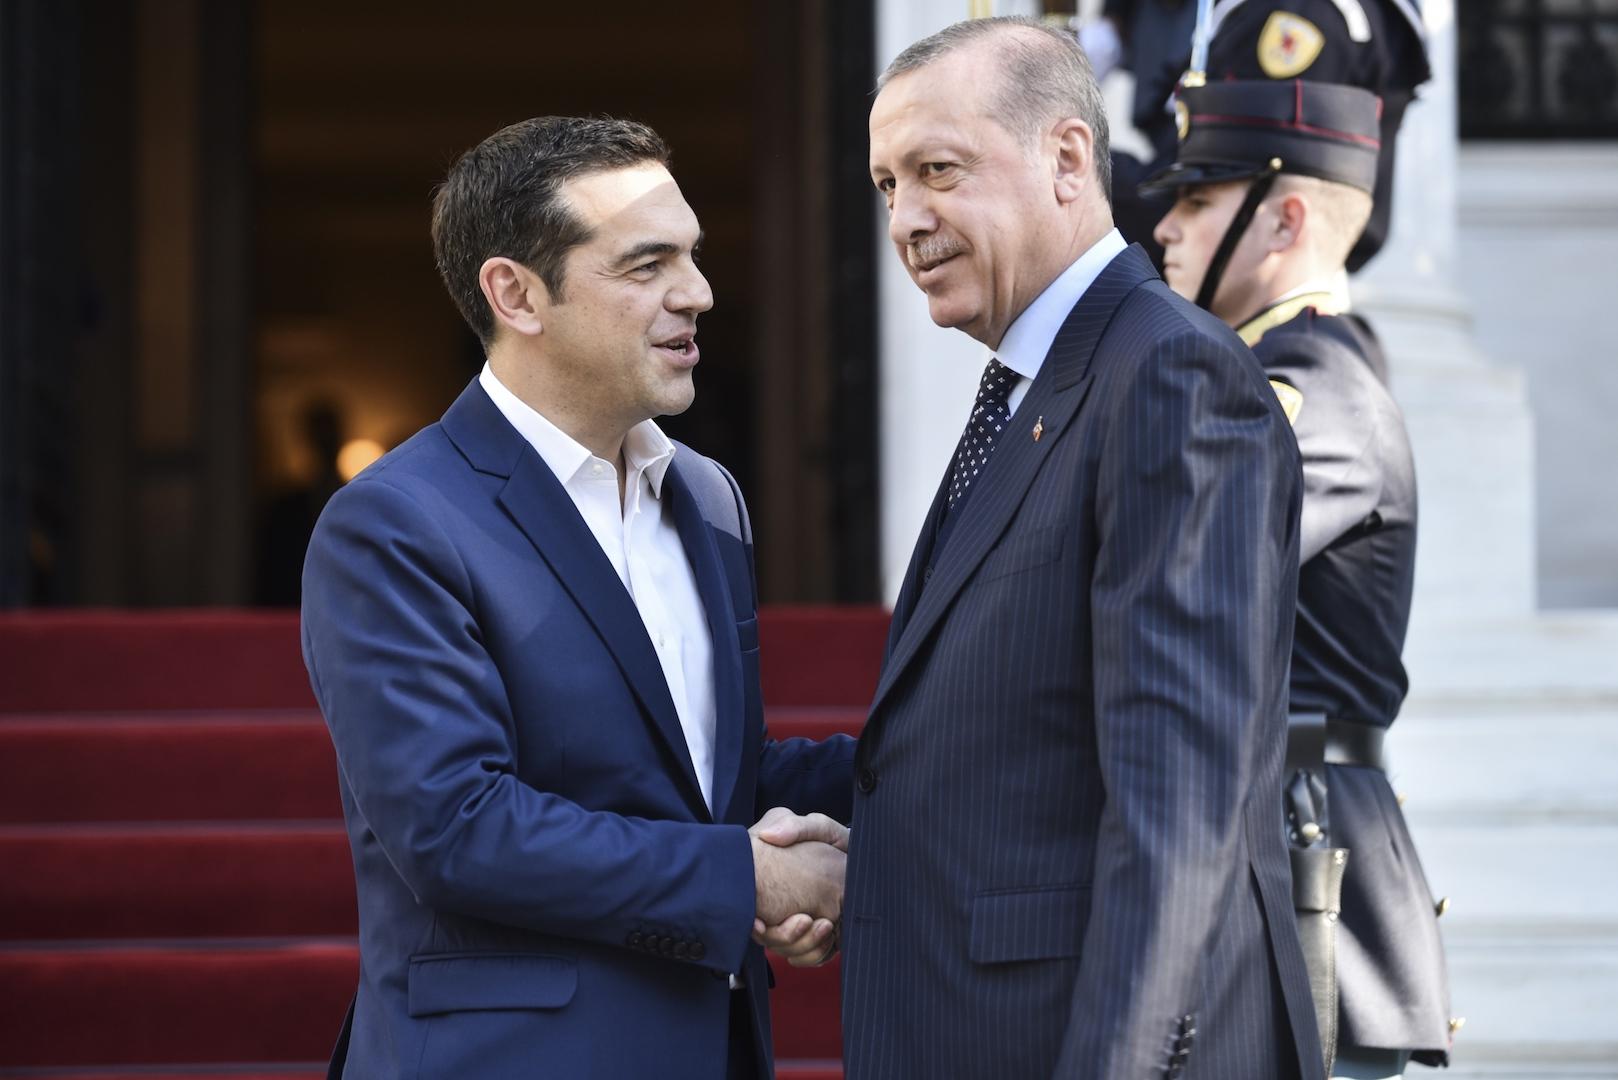 Ο Θανάσης Κ. Εξηγεί πως ο Αλέξης Τσίπρας έκανε δώρο στον Ταγίπ Ερντογάν την φιλανδοποίηση της Ελλάδας. Και αυτό σε μια περίοδο που η Τουρκία επέλεξε να απομακρυνθεί από την Δύση σπάζονται το γεωπολιτικό δίδυμο που είχε δημιουργήσει με την Ελλάδα, στον Ψυχρό Πόλεμο. new deal